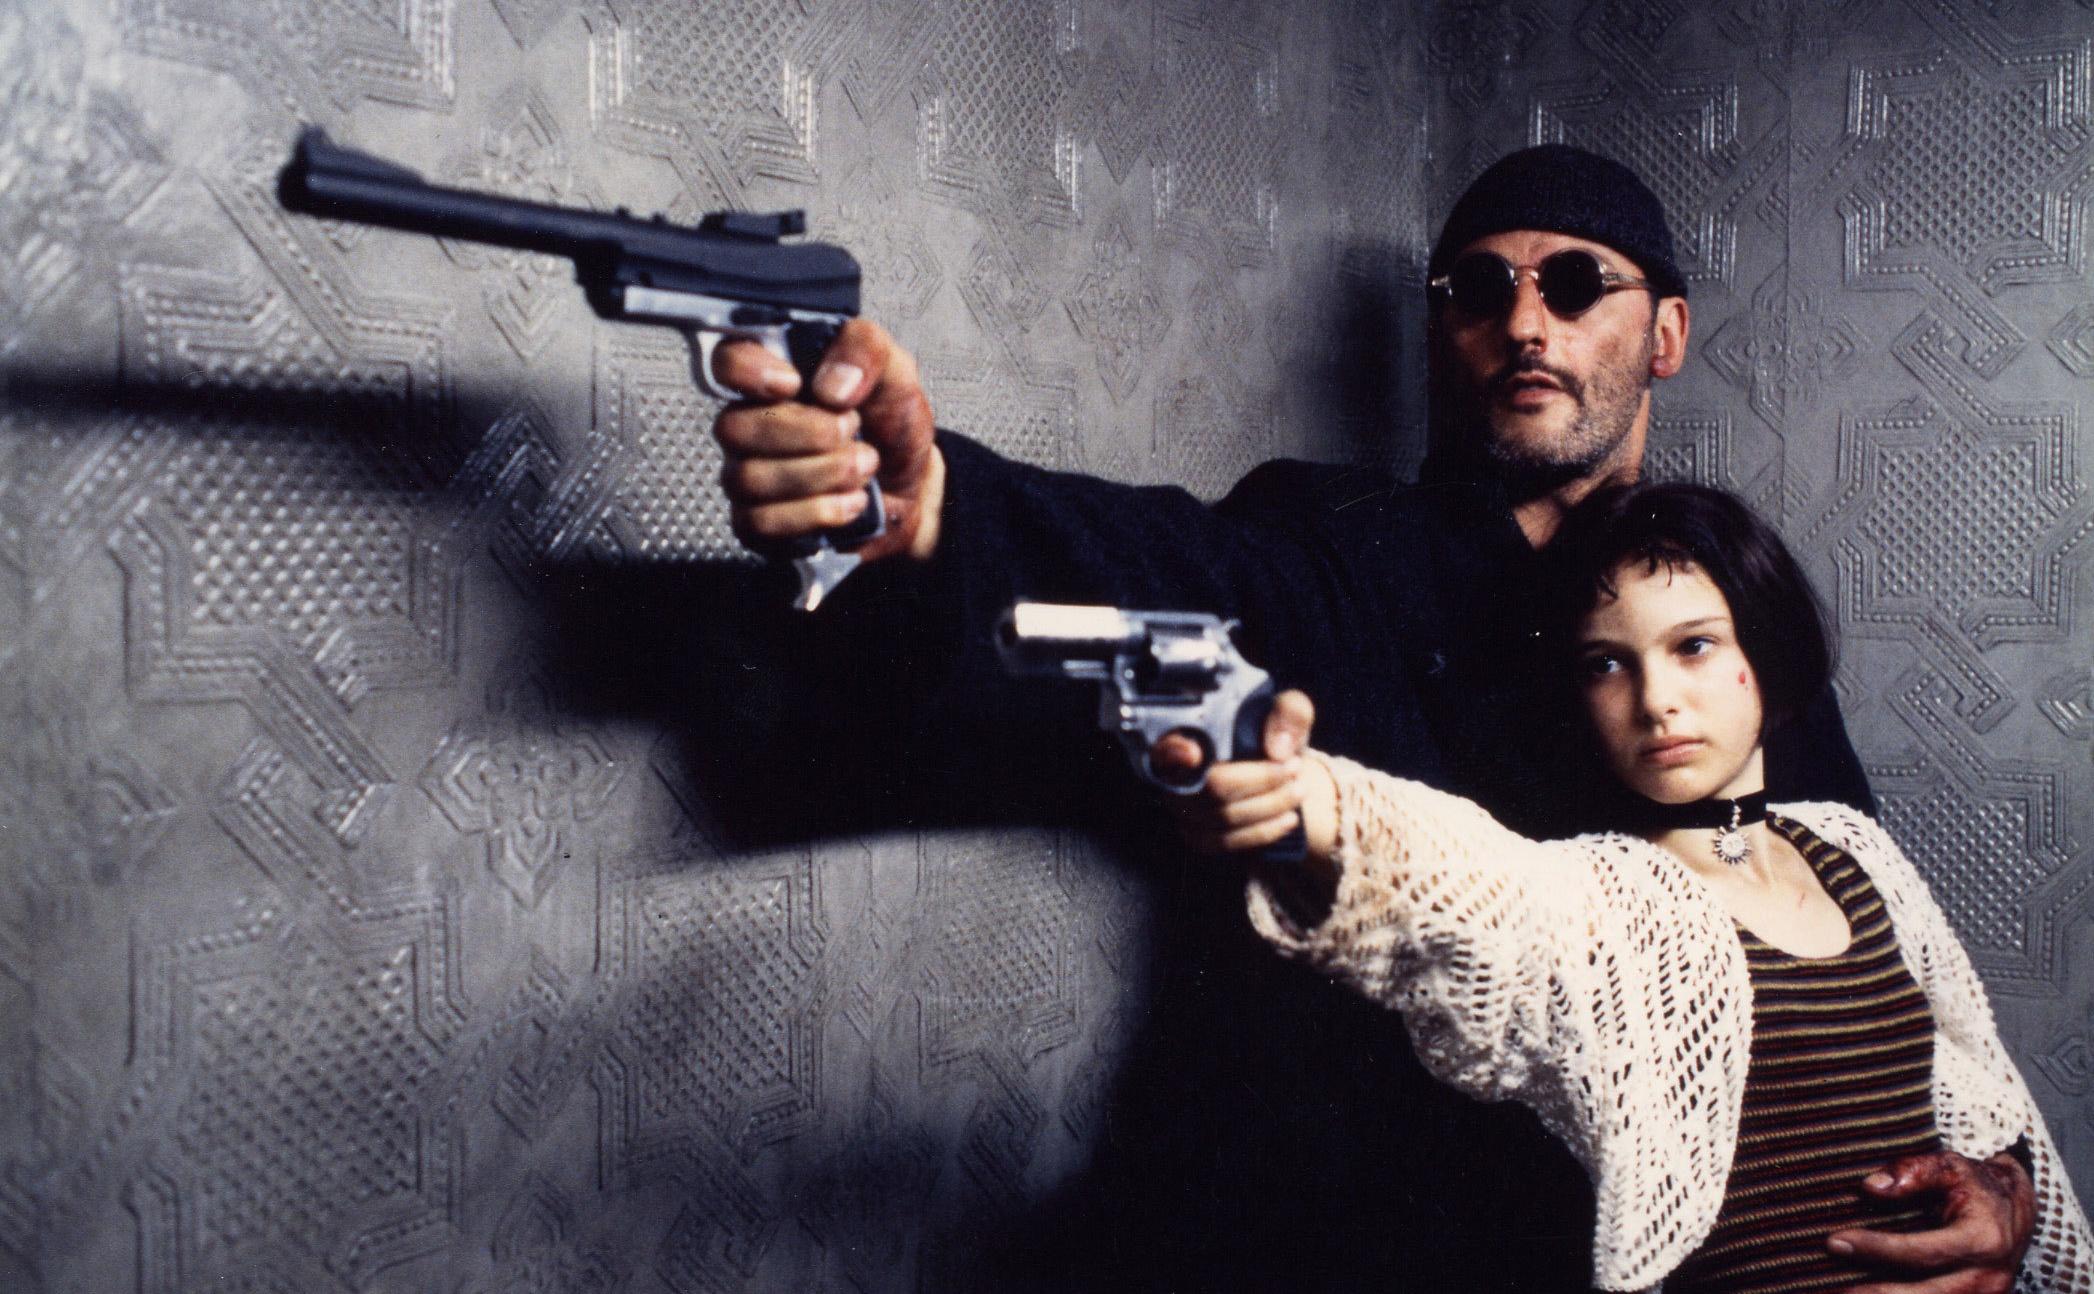 拉片《杀手里昂》,如何用一场戏塑造人物性格